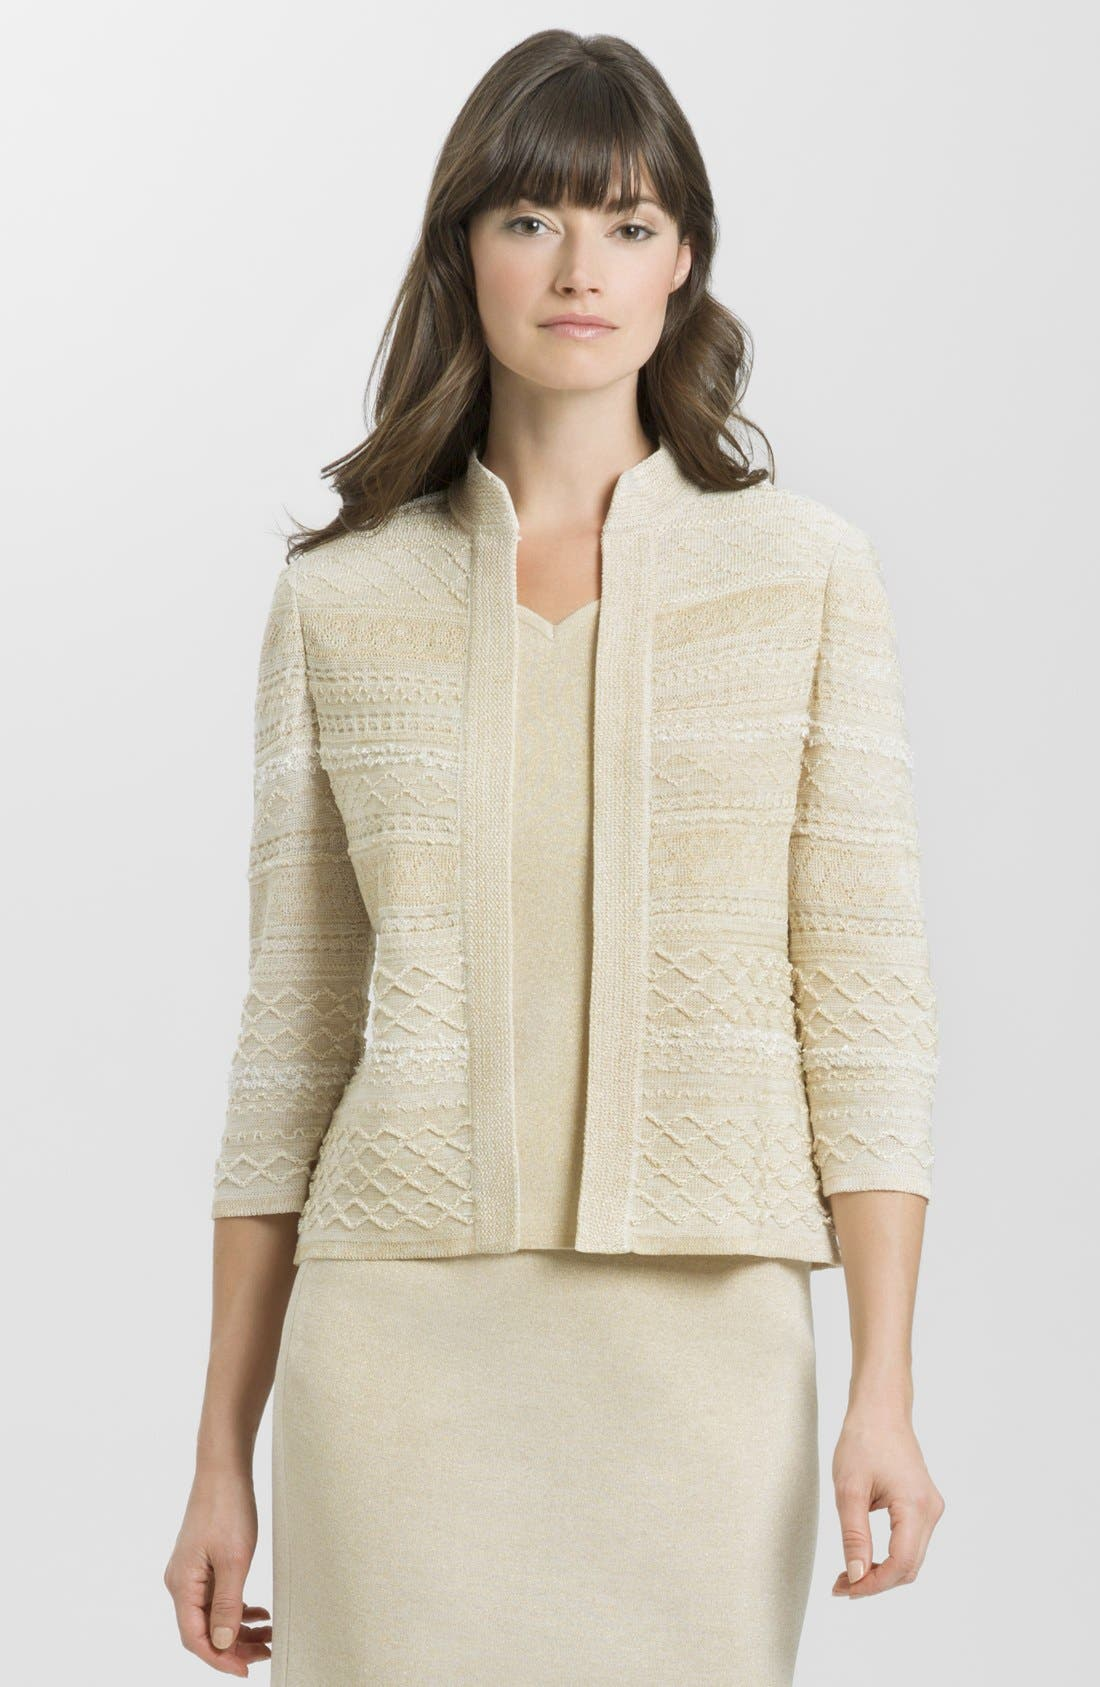 Main Image - Ming Wang Mixed Knit Three Quarter Sleeve Jacket